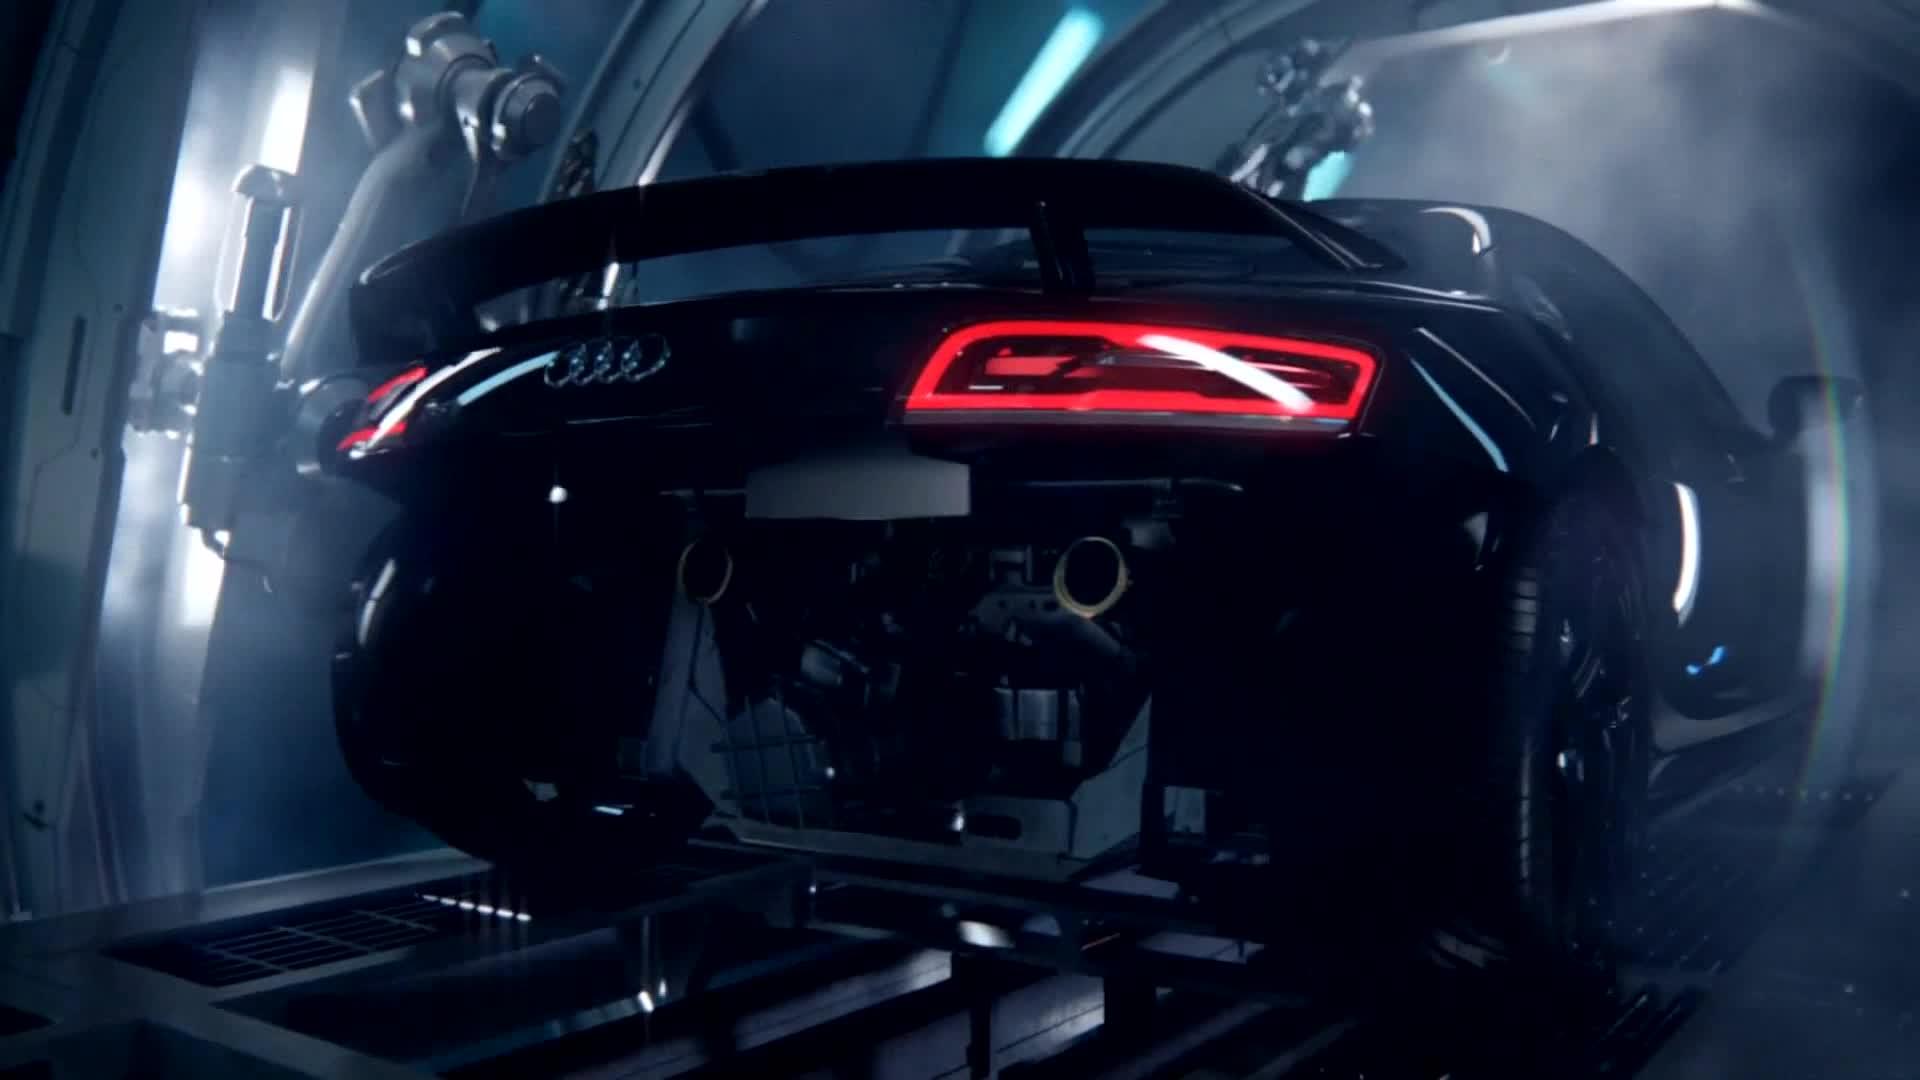 Audi奥迪汽车 《Birth》